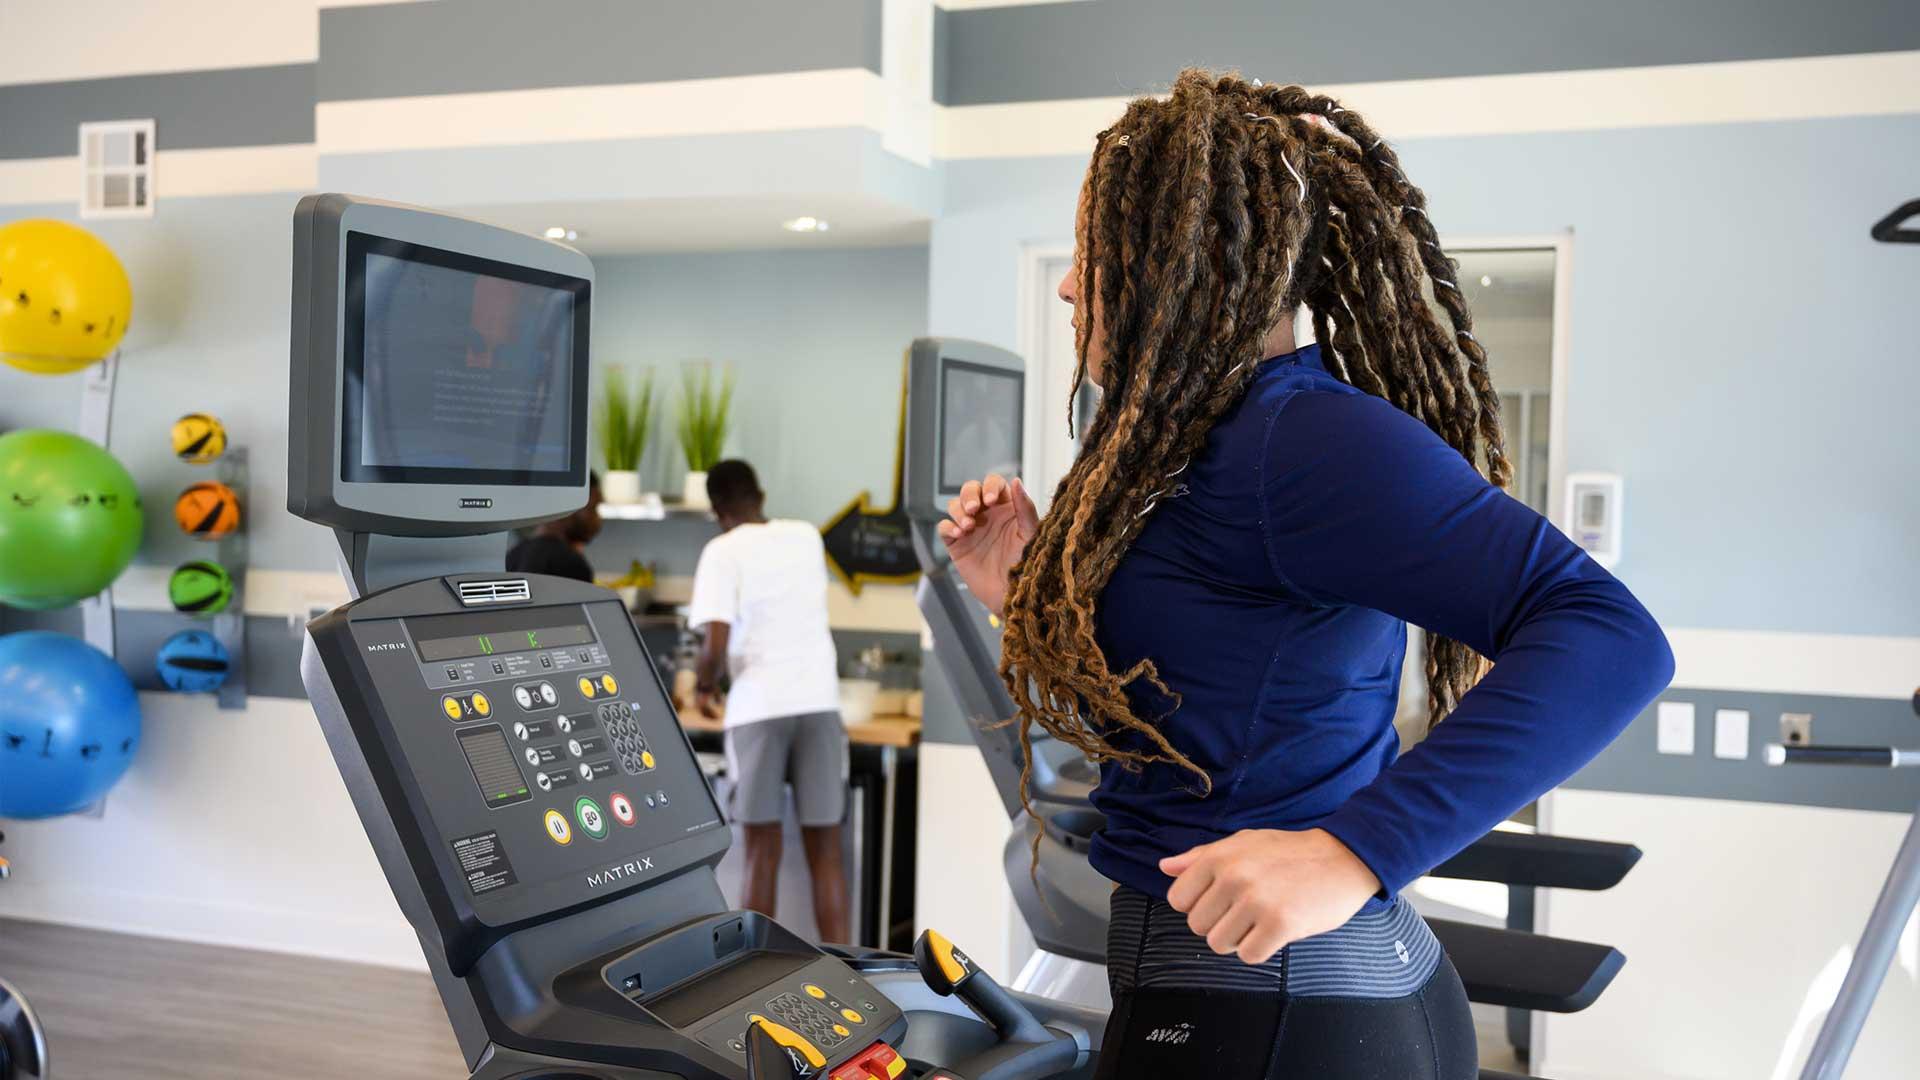 Fitness center treadmills